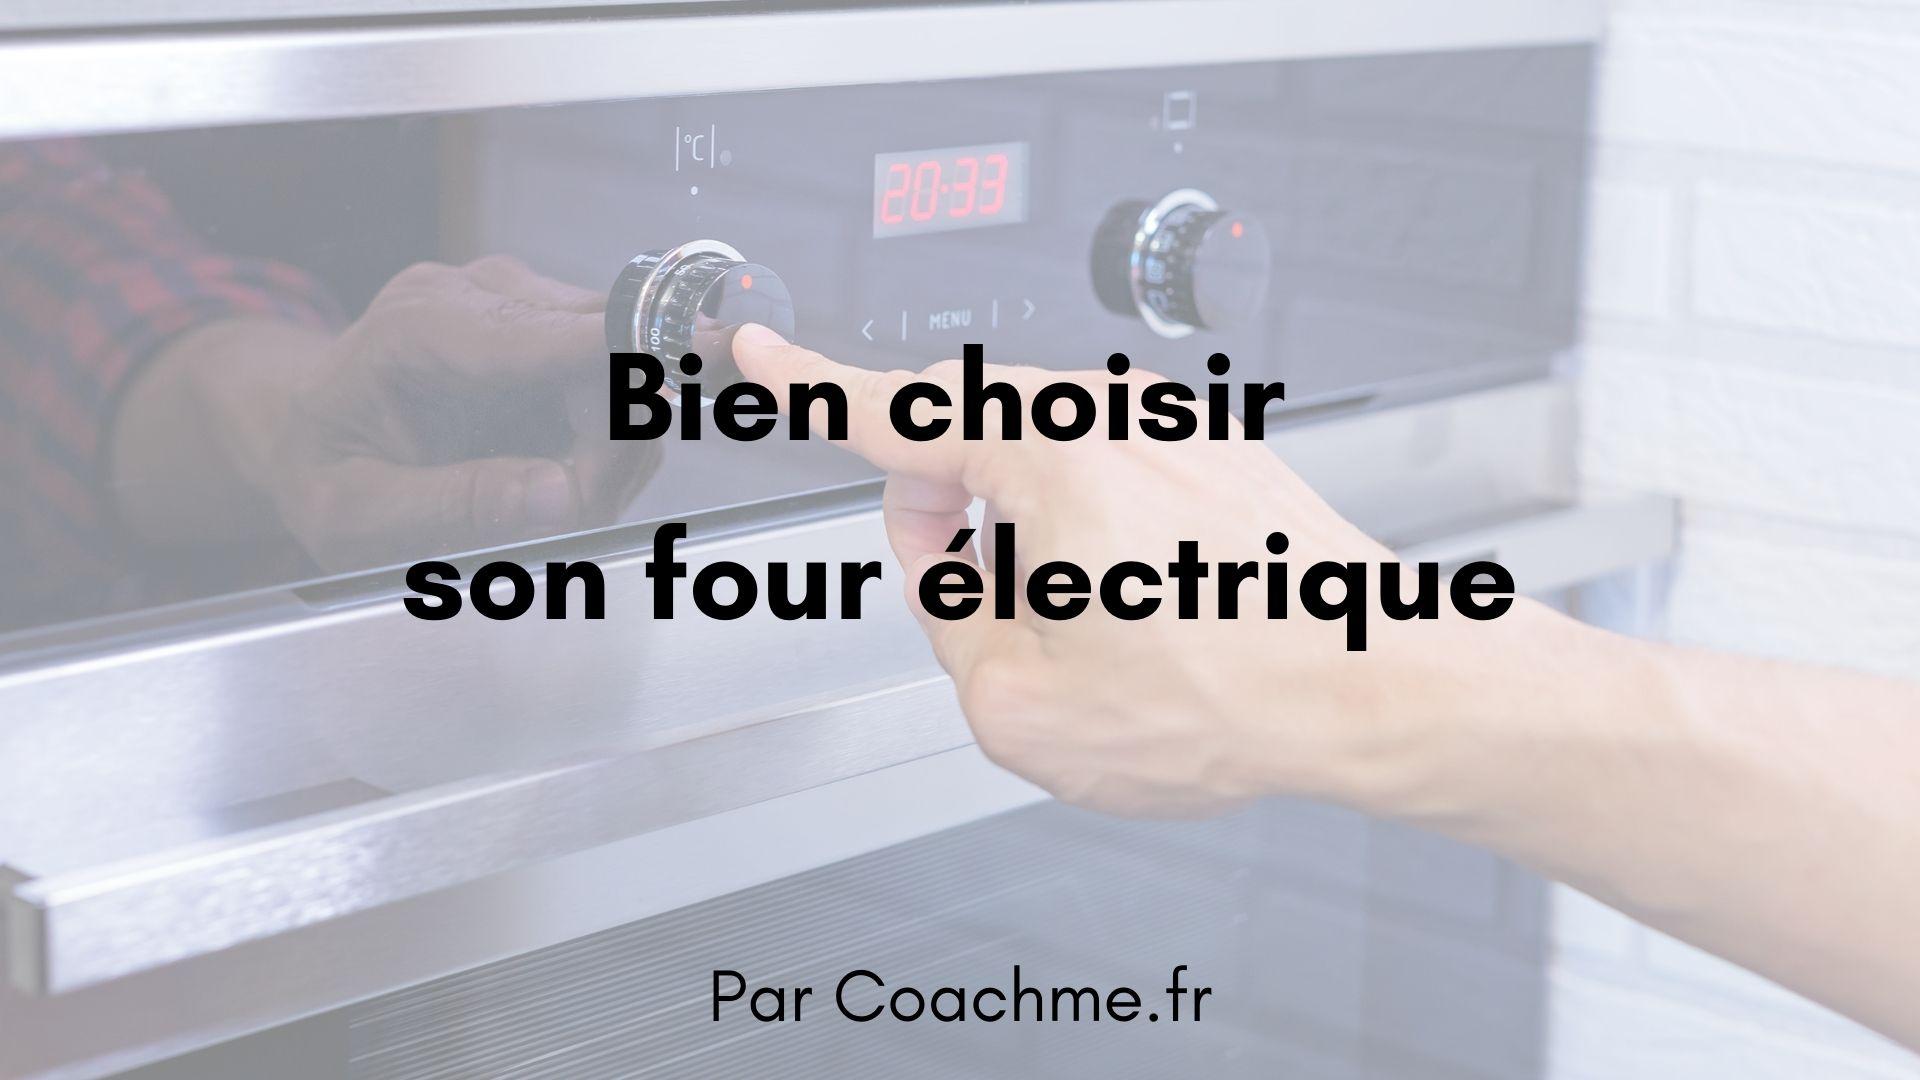 four electrique